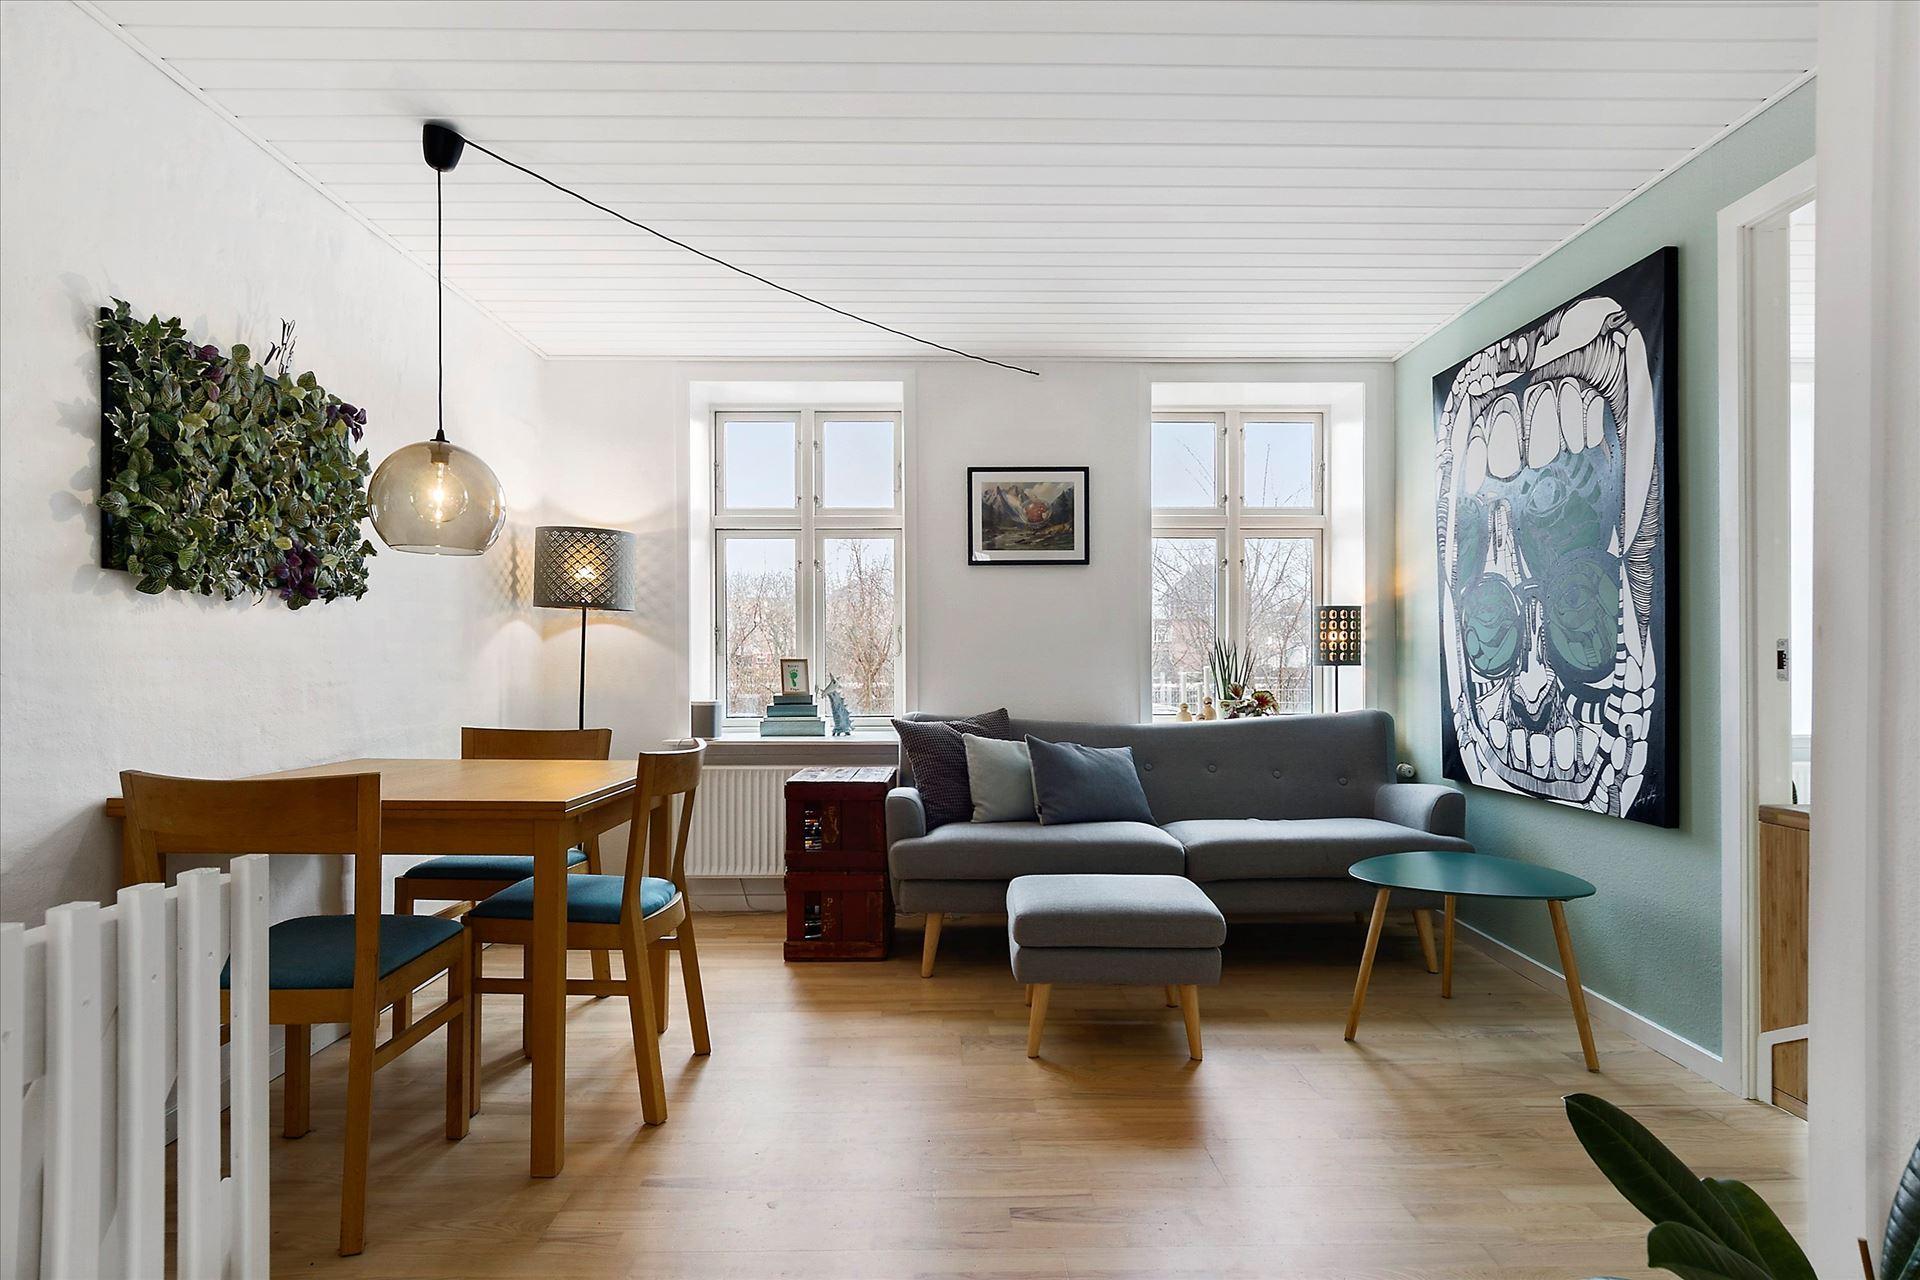 Kriegersvej 7  ST., 8000 Aarhus C